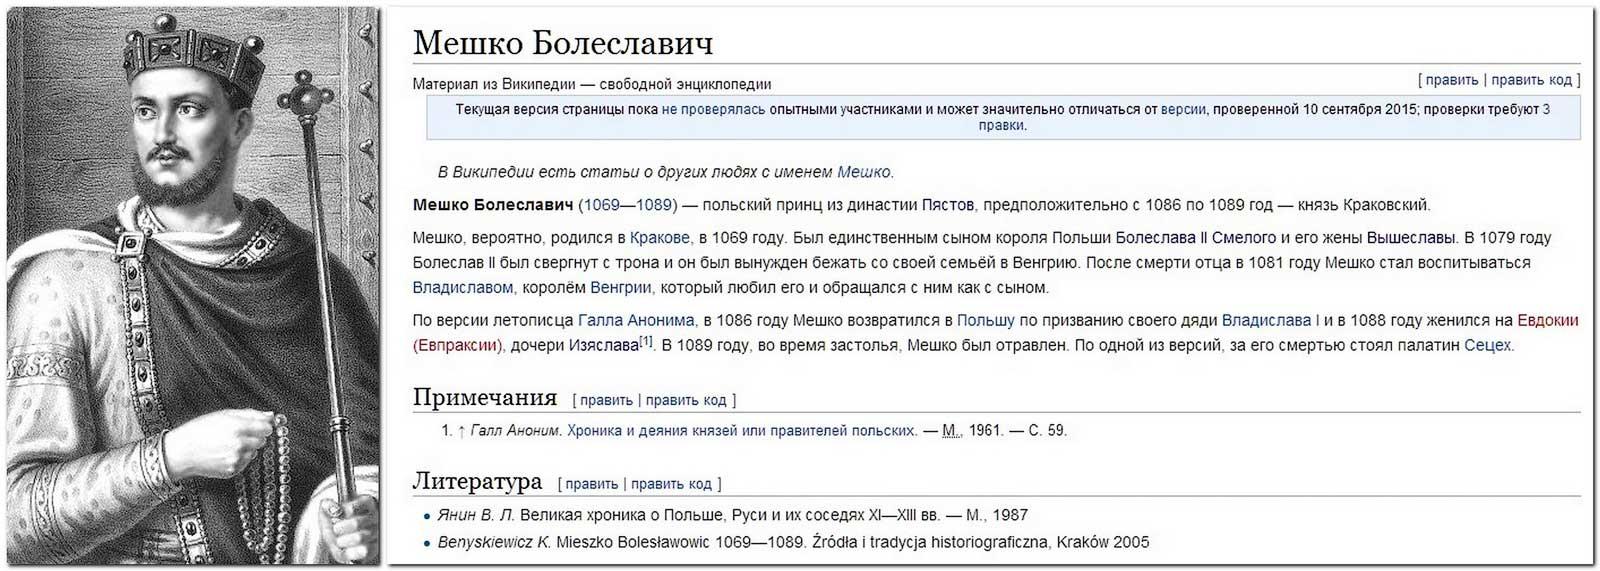 Страница князя Мешко Болеславича (польского внука Вячеслава Ярославича)